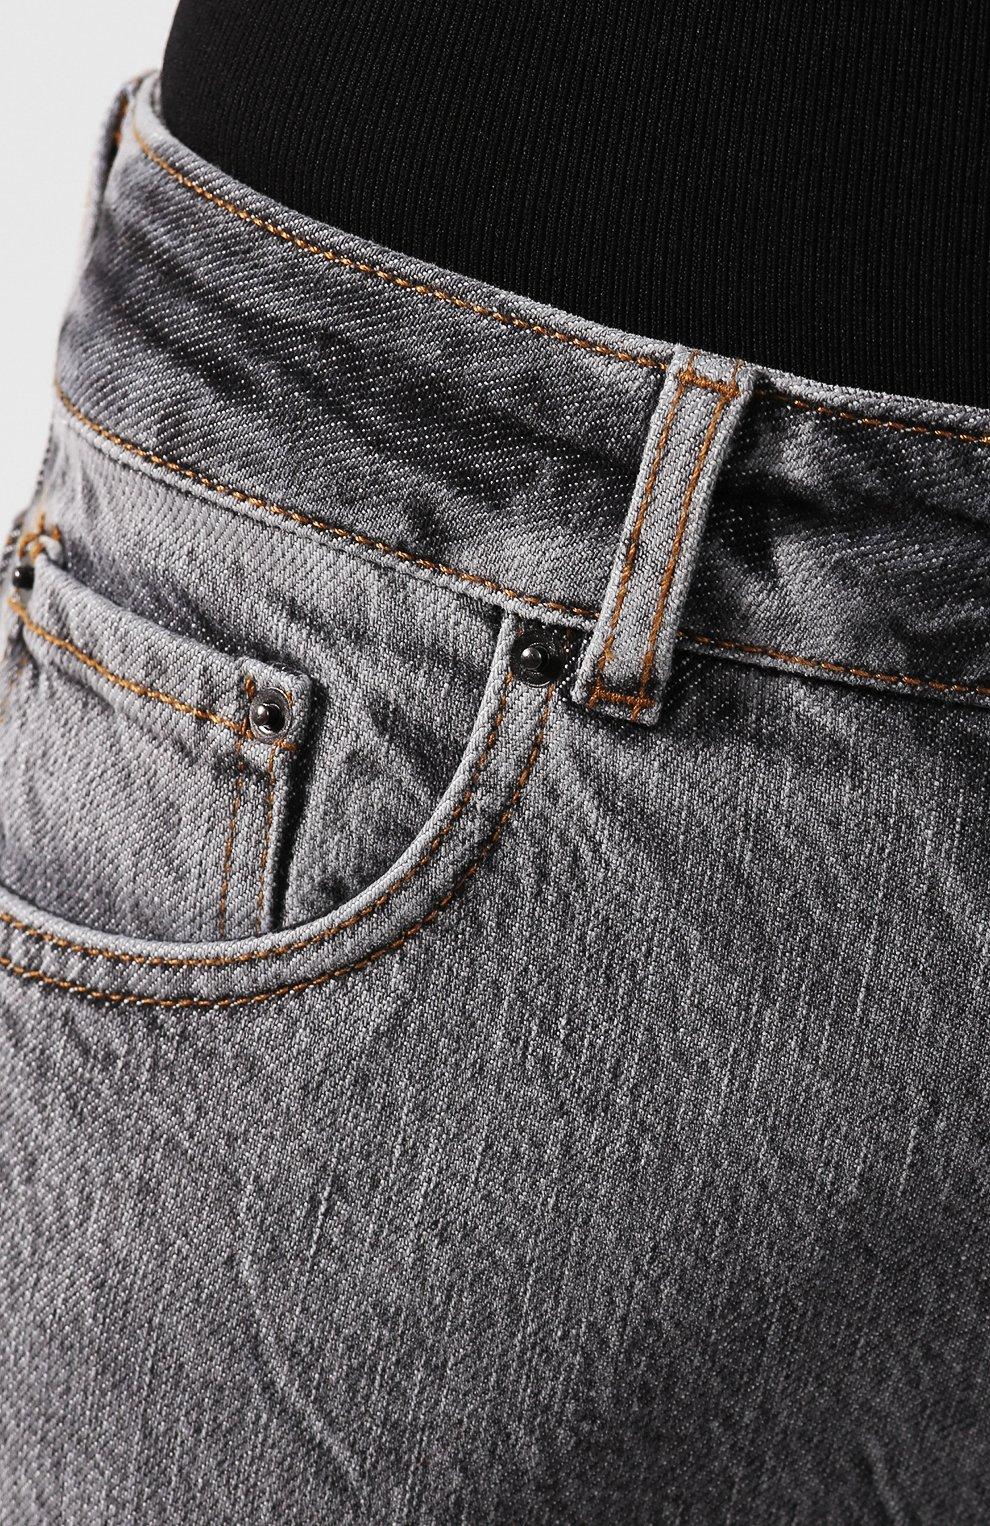 Женские джинсы FILLES A PAPA серого цвета, арт. STEVE L.32 DENIM   Фото 5